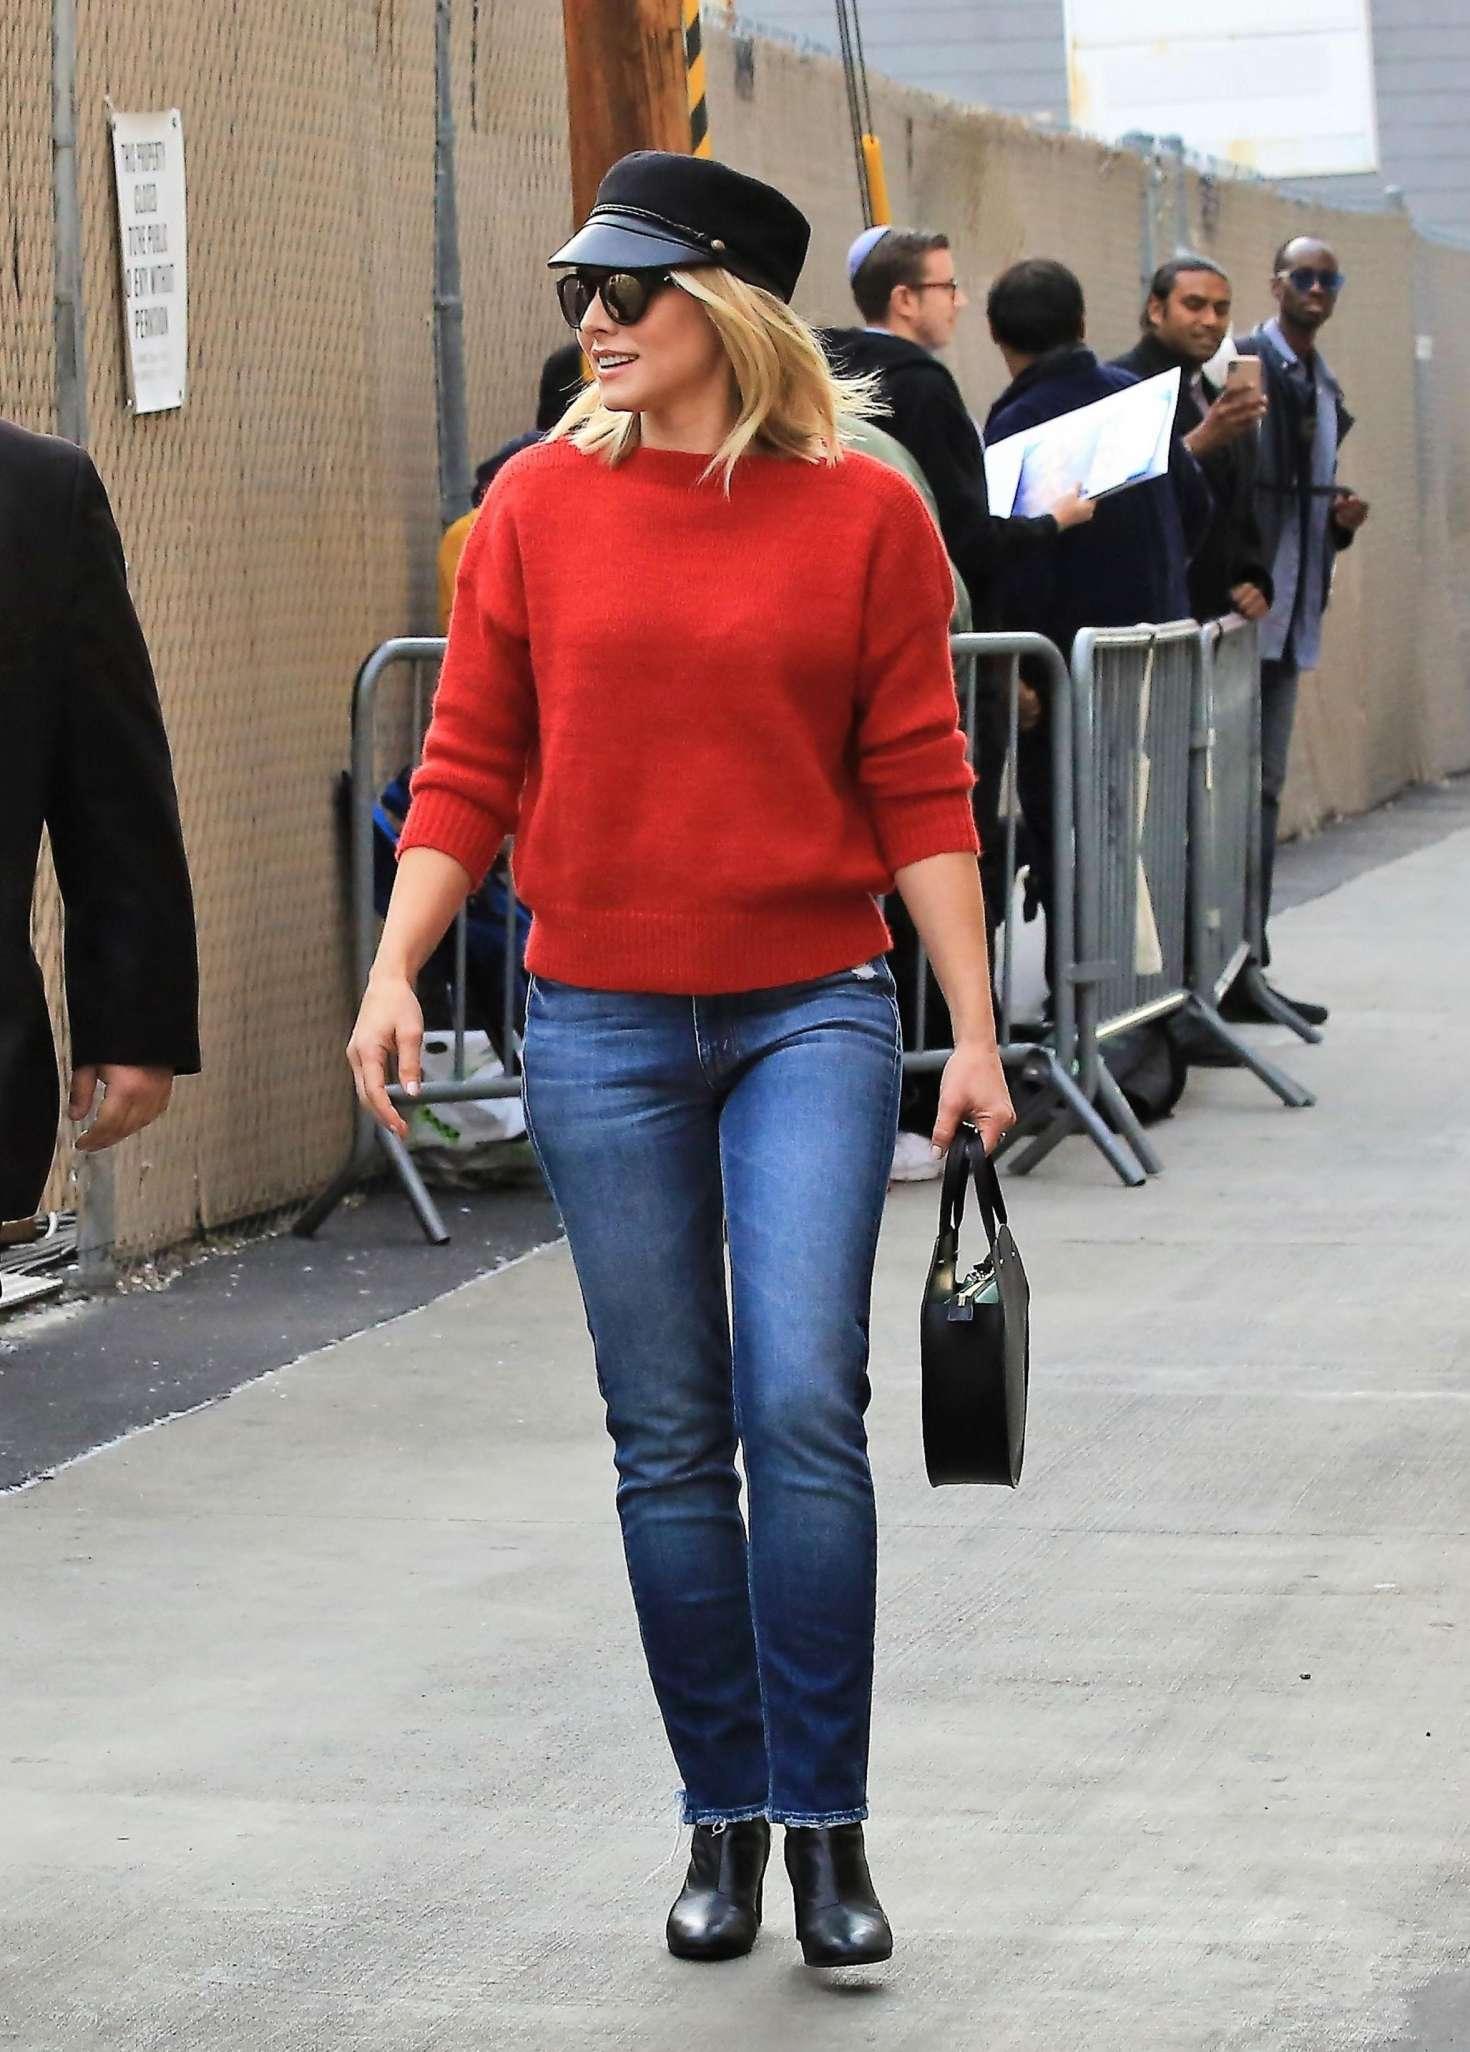 Kristen Bell 2018 : Kristen Bell: Arriving at Jimmy Kimmel Live -04